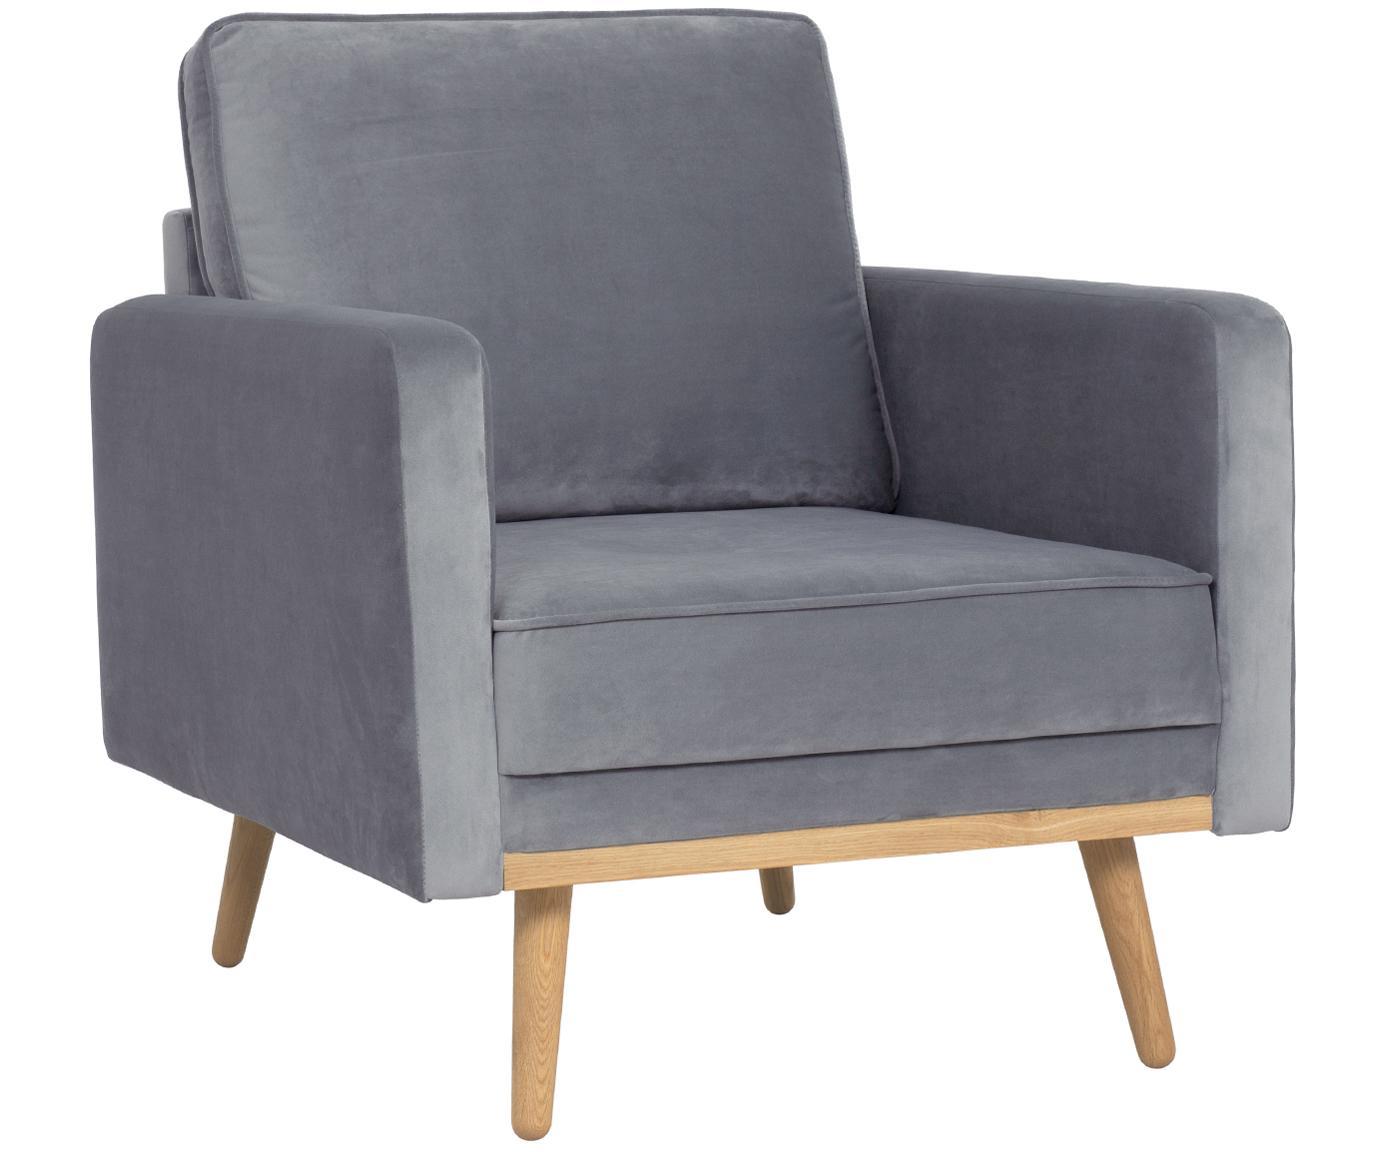 Fotel z aksamitu Saint, Tapicerka: aksamit (poliester) 3500, Stelaż: masywne drewno sosnowe, p, Aksamitny szary, S 85 x G 76 cm